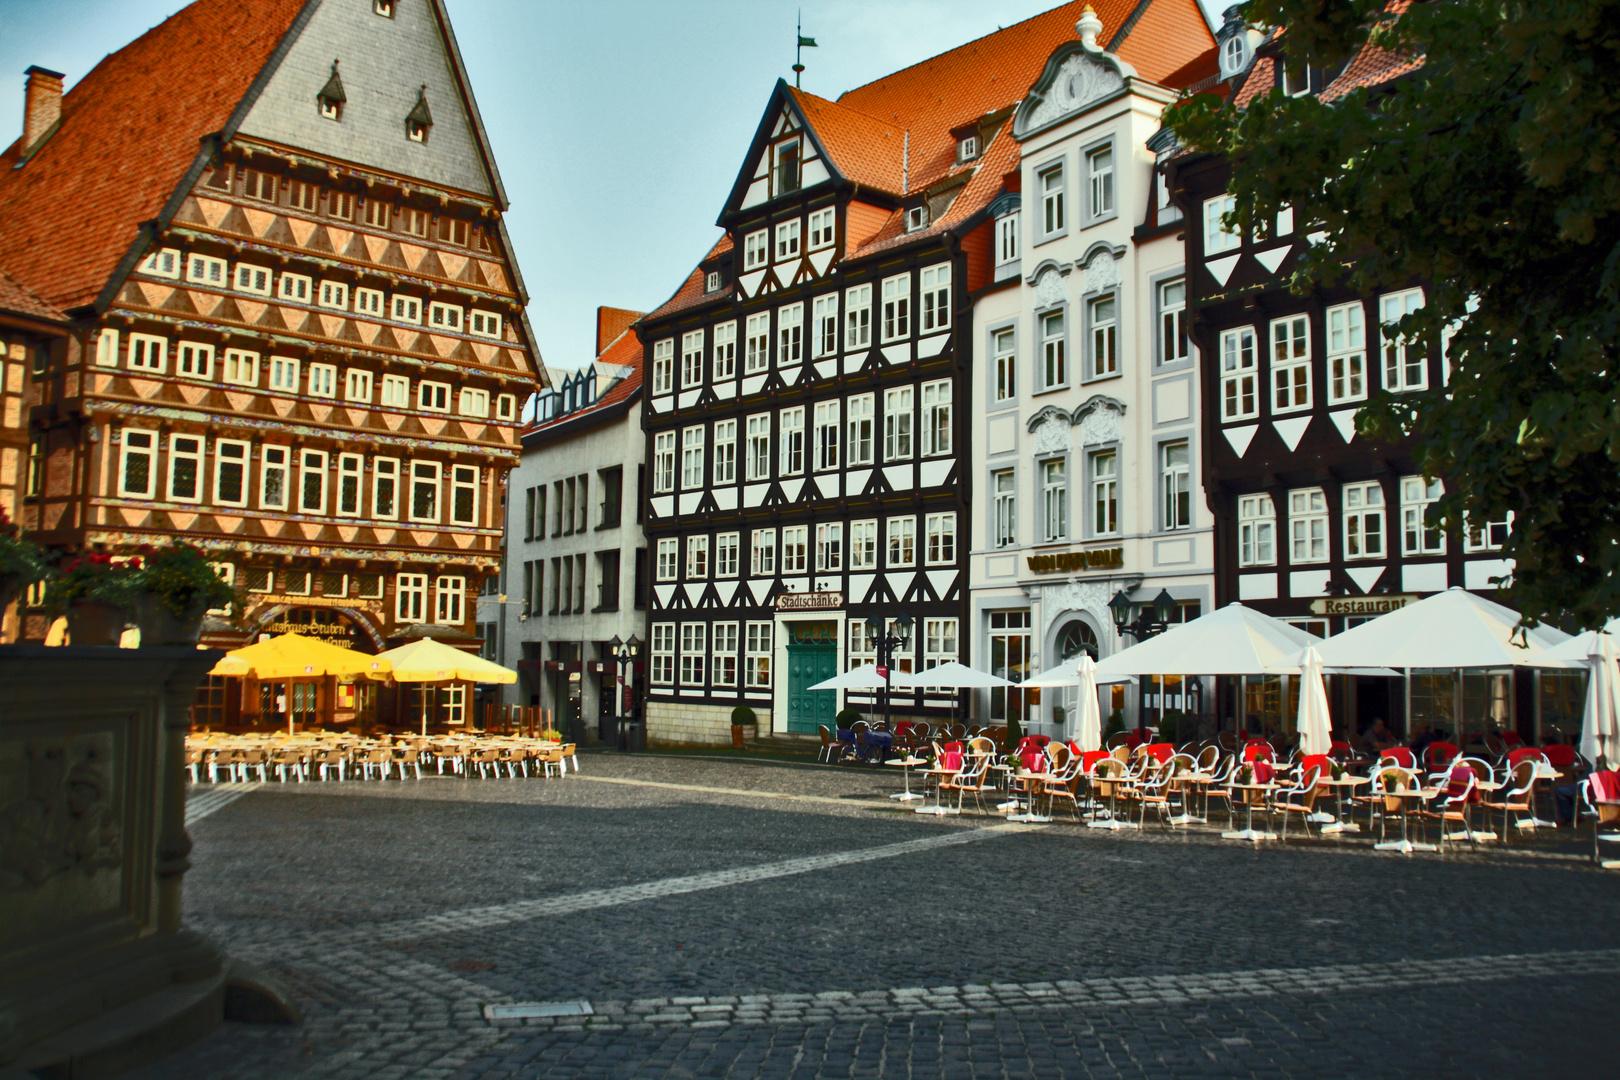 Marktplatz in Hildesheim